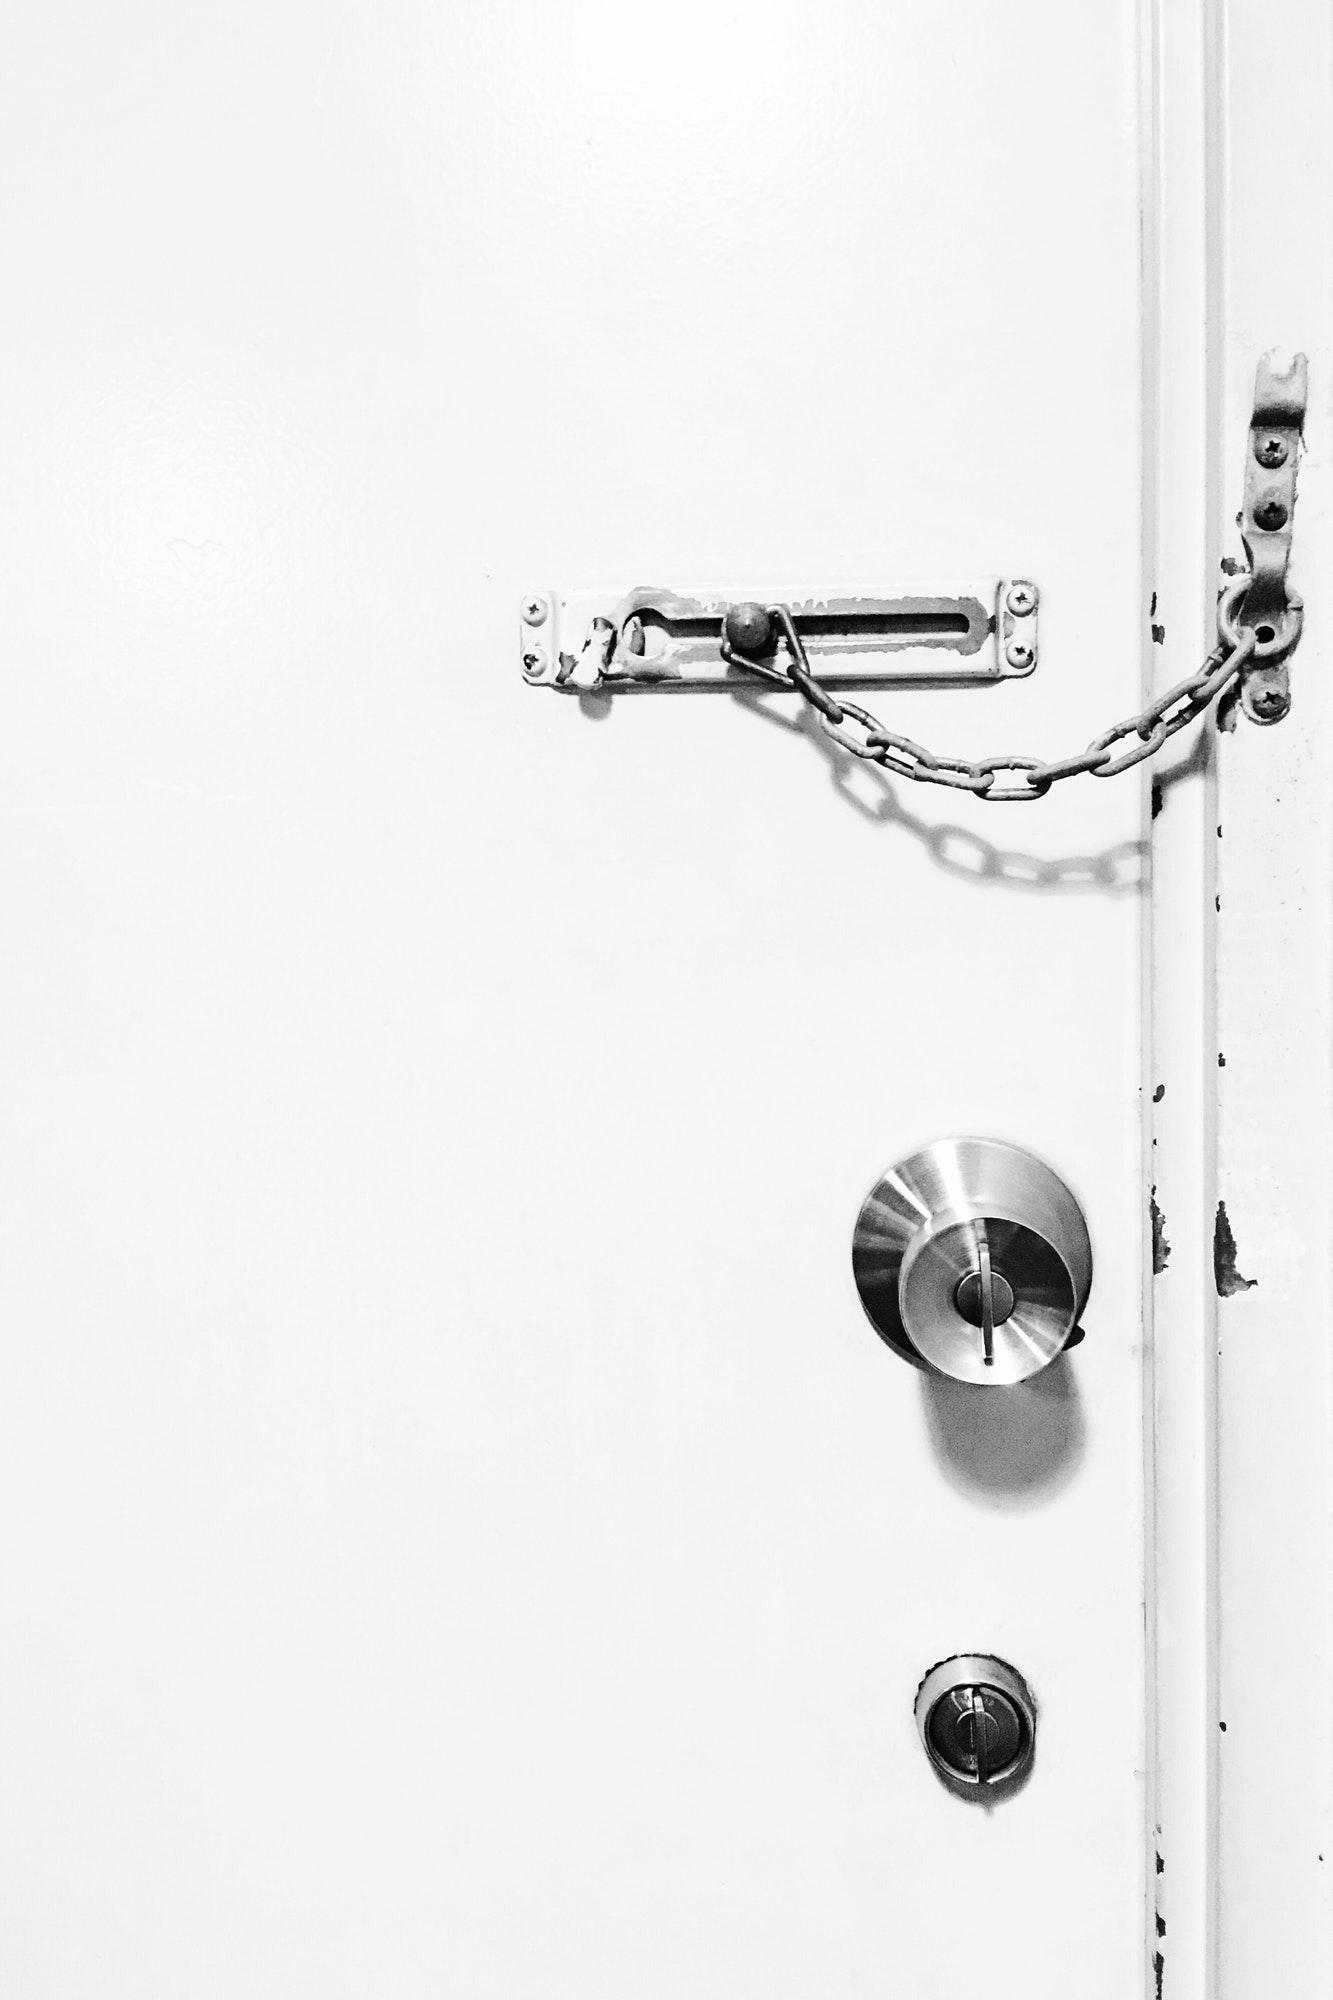 Gammel kædelås til dør kan nemt udskiftes